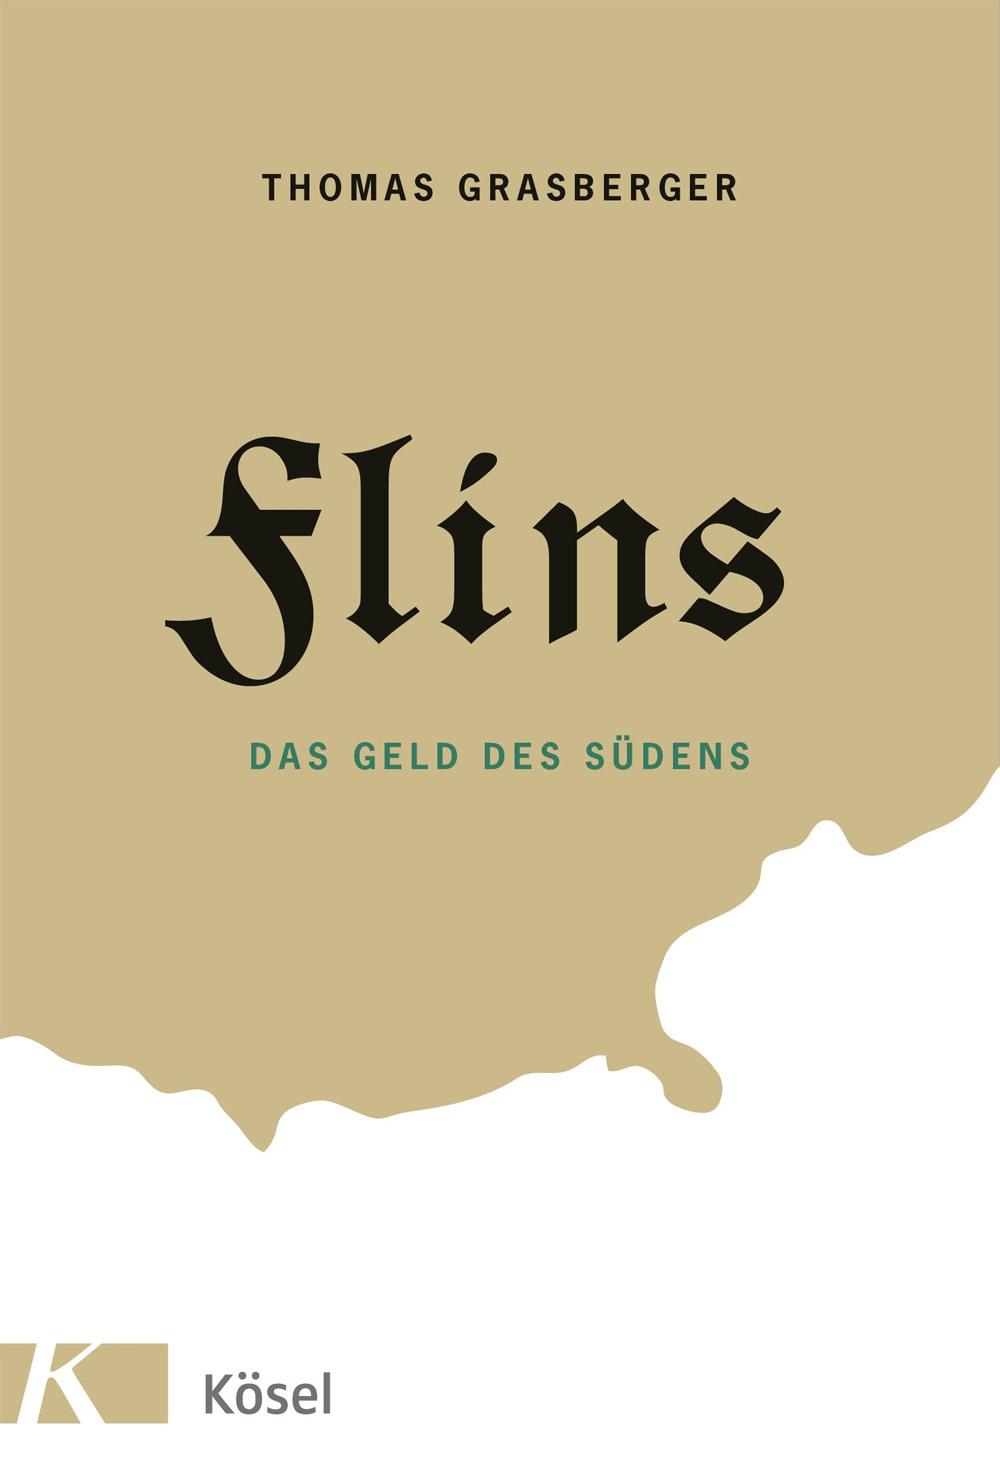 News_Maier-Gallenbach_Lesung-Thomas-Grasberger_Flins